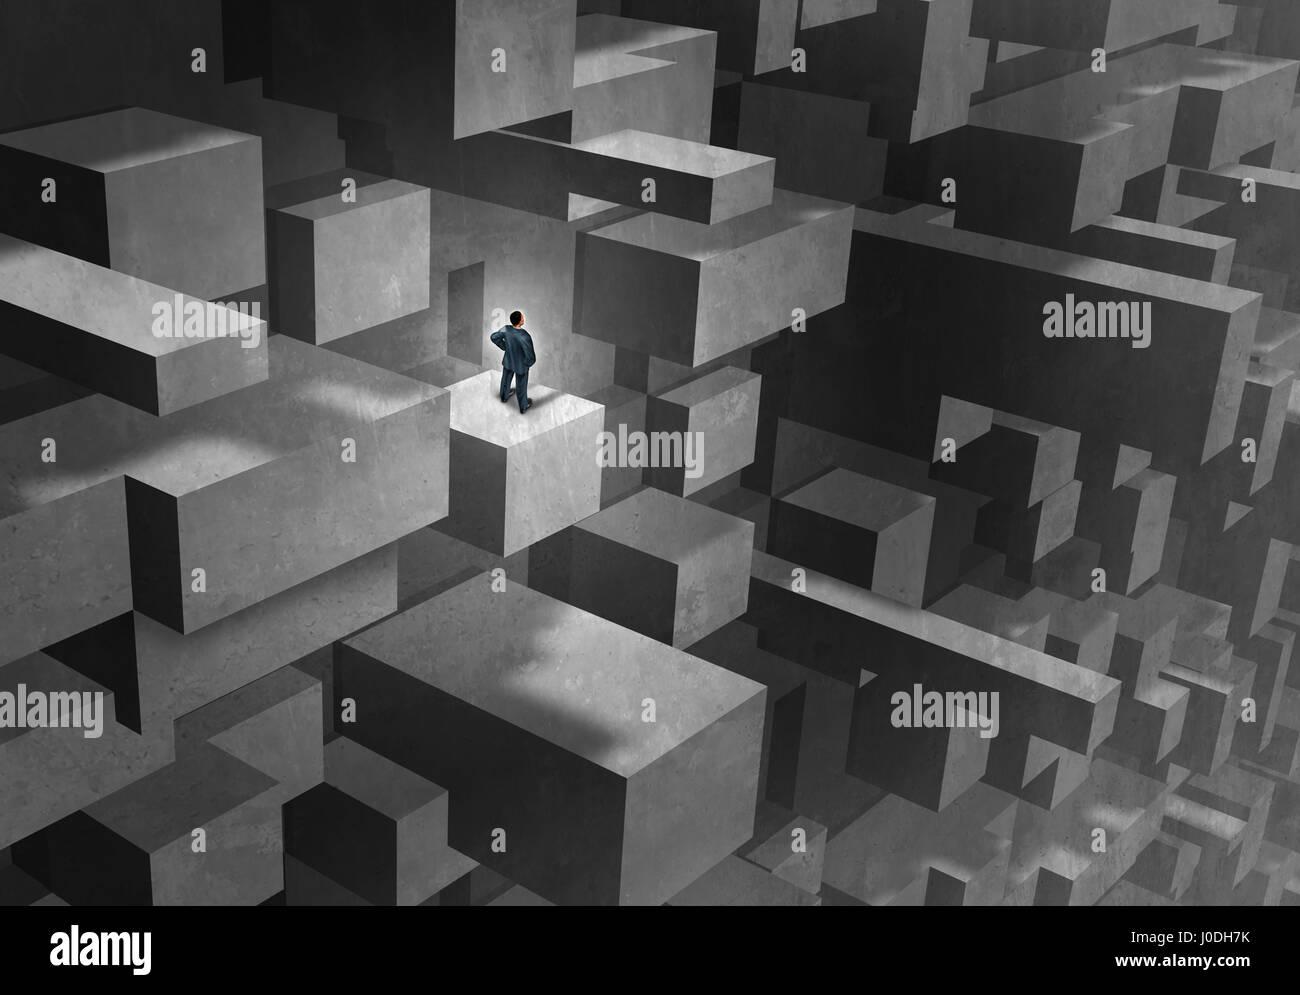 Défi de l'entreprise concept comme un homme en détresse et perdu dans un labyrinthe compliqué Photo Stock